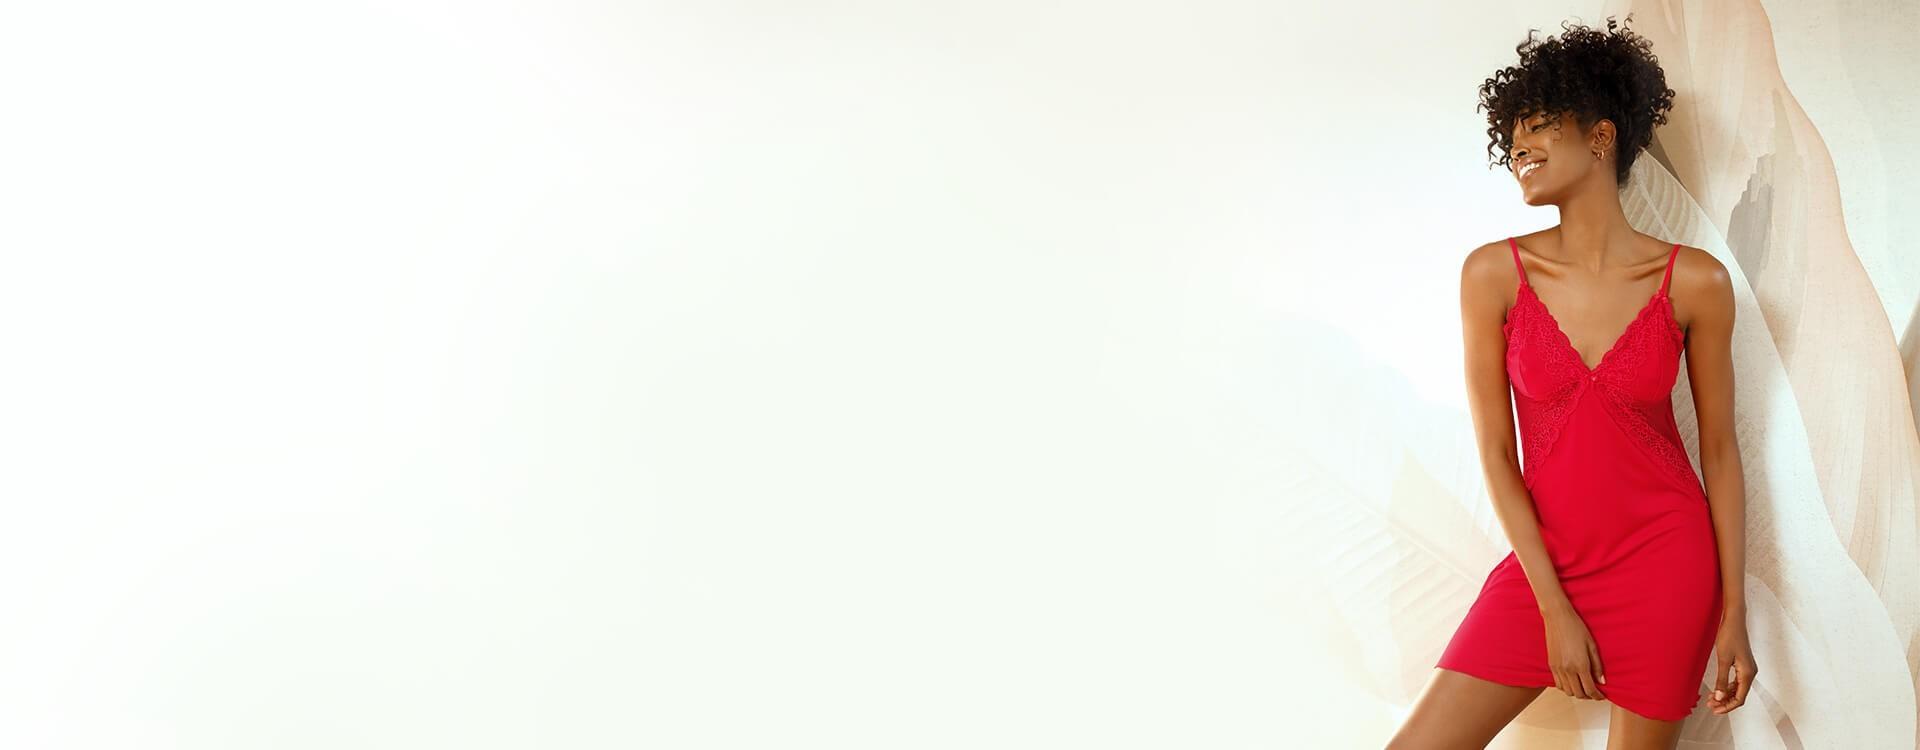 Halki z wiskozy od Dkaren to szeroka gama uwodzicielskich fasonów. Wiskoza jest niezwykle przyjemna w dotyku, a w połączeniu z pięknym koronkowym wykończeniem jest idealna na romantyczne wieczory.